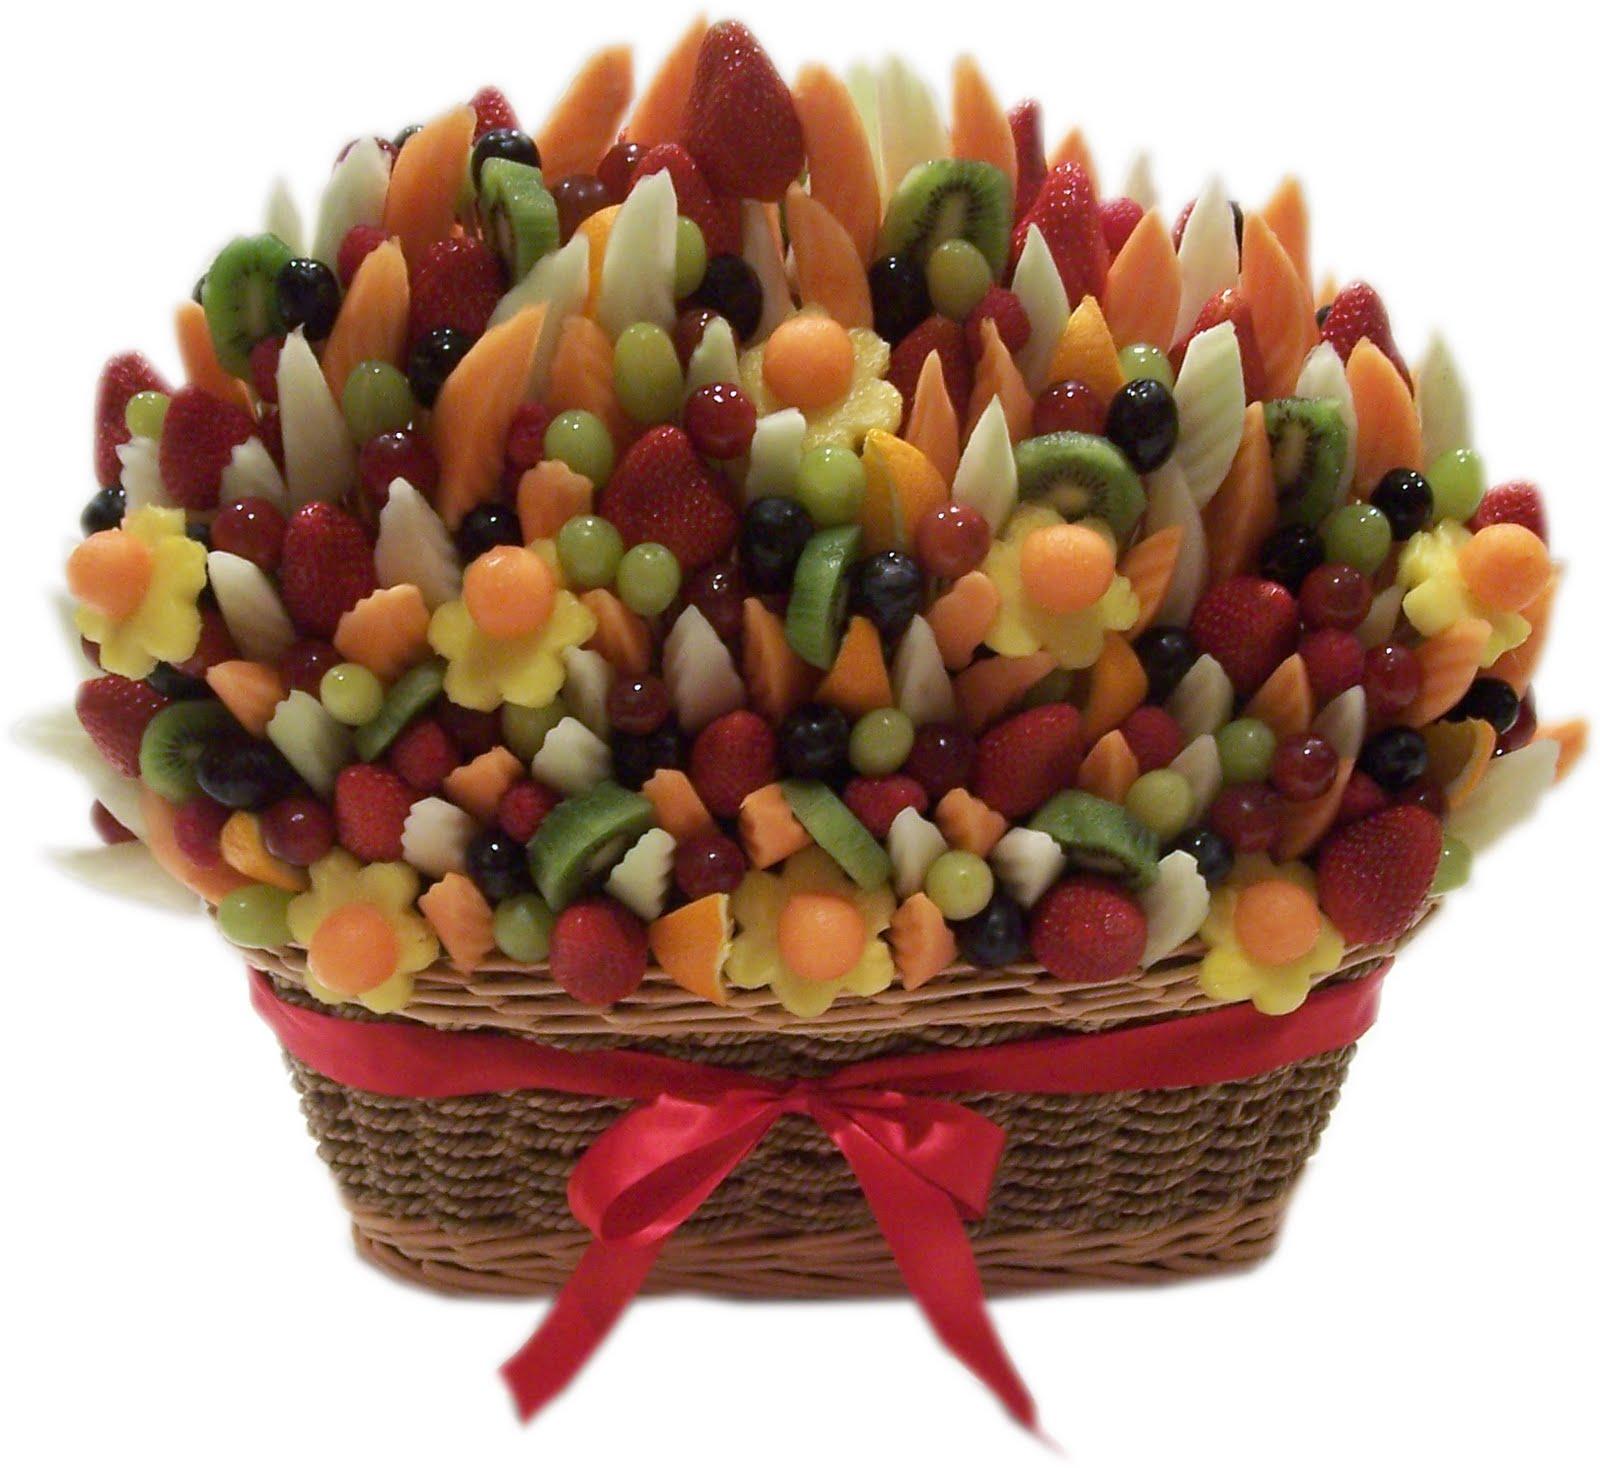 Fruit Magic A Unique Gift Silverconcierge 39 S Blog